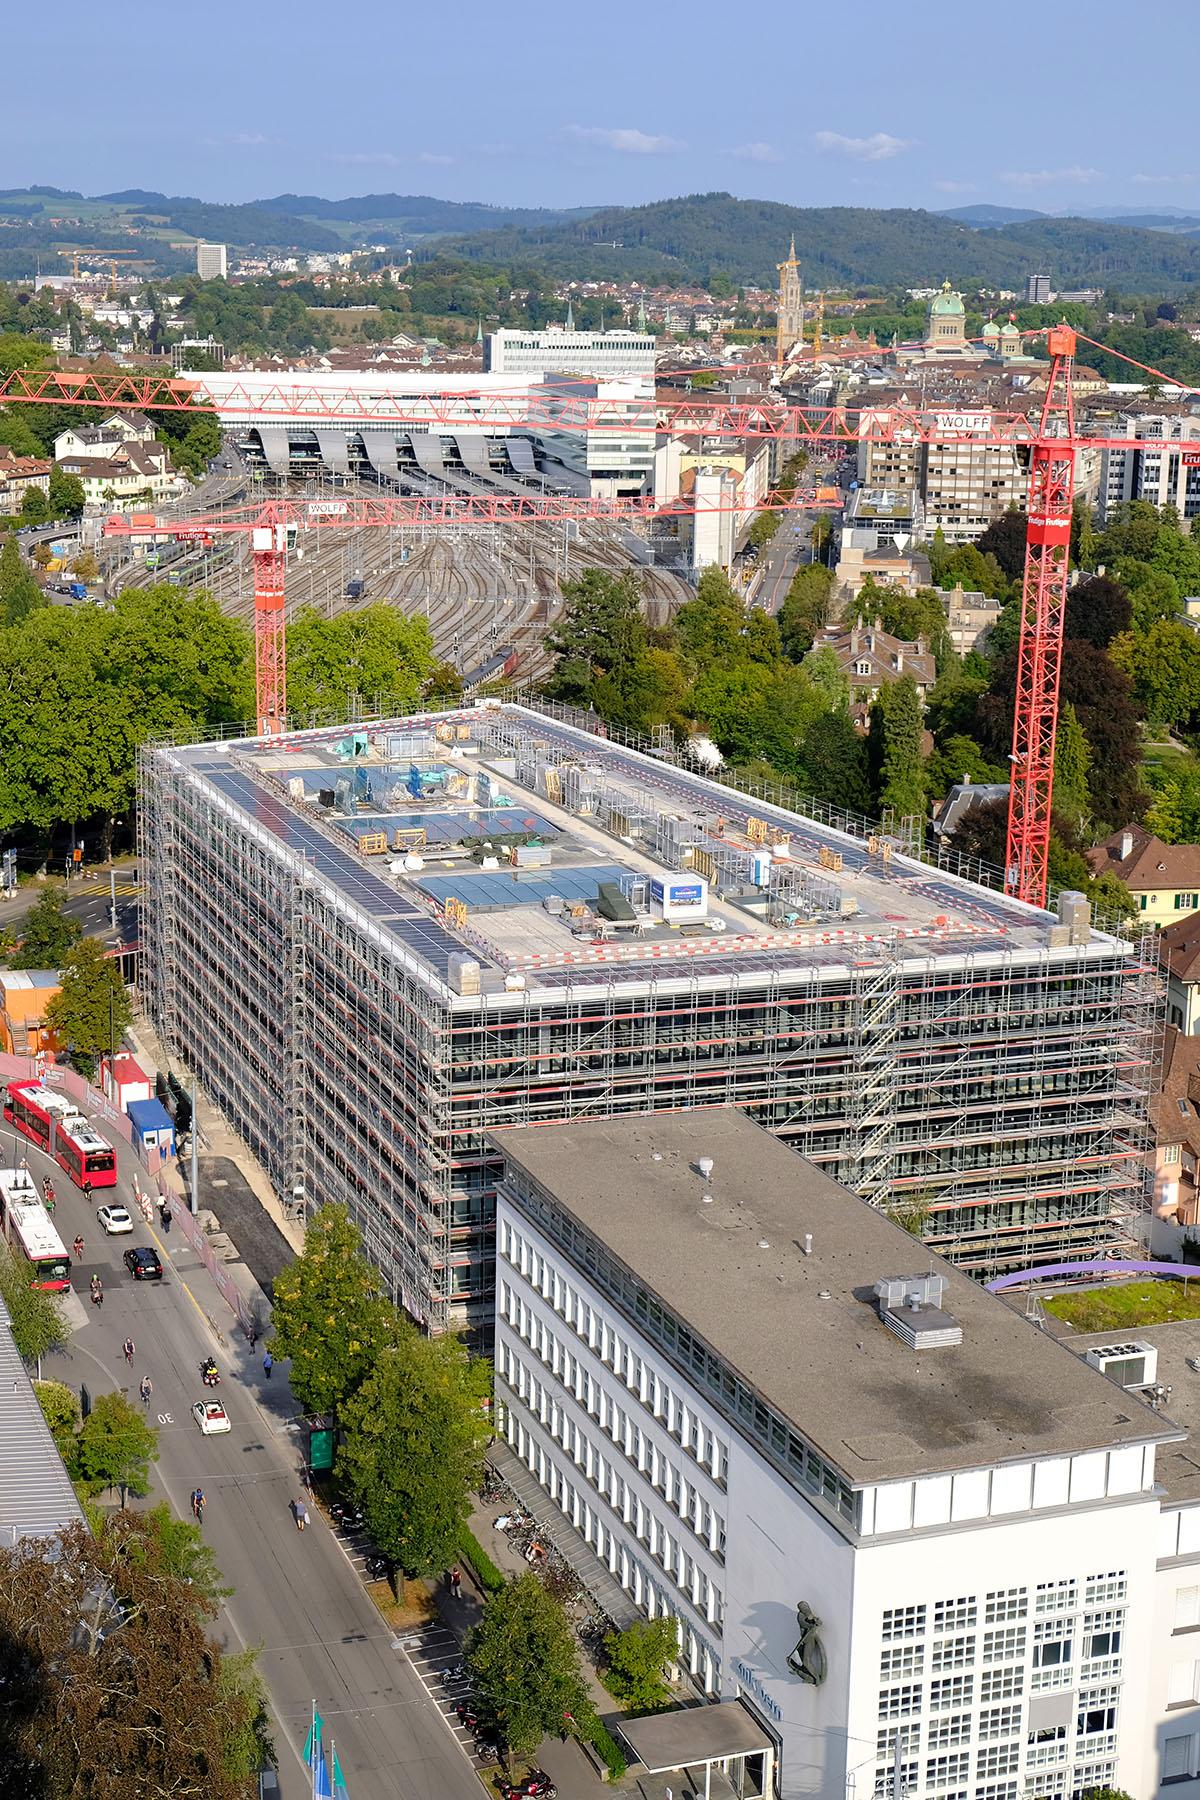 Aufbau von sitem Insel, dem nationalen Zentrum für Translationale Medizin und Unternehmertum in Bern. Bild: Universität Bern / Vera Knöpfel